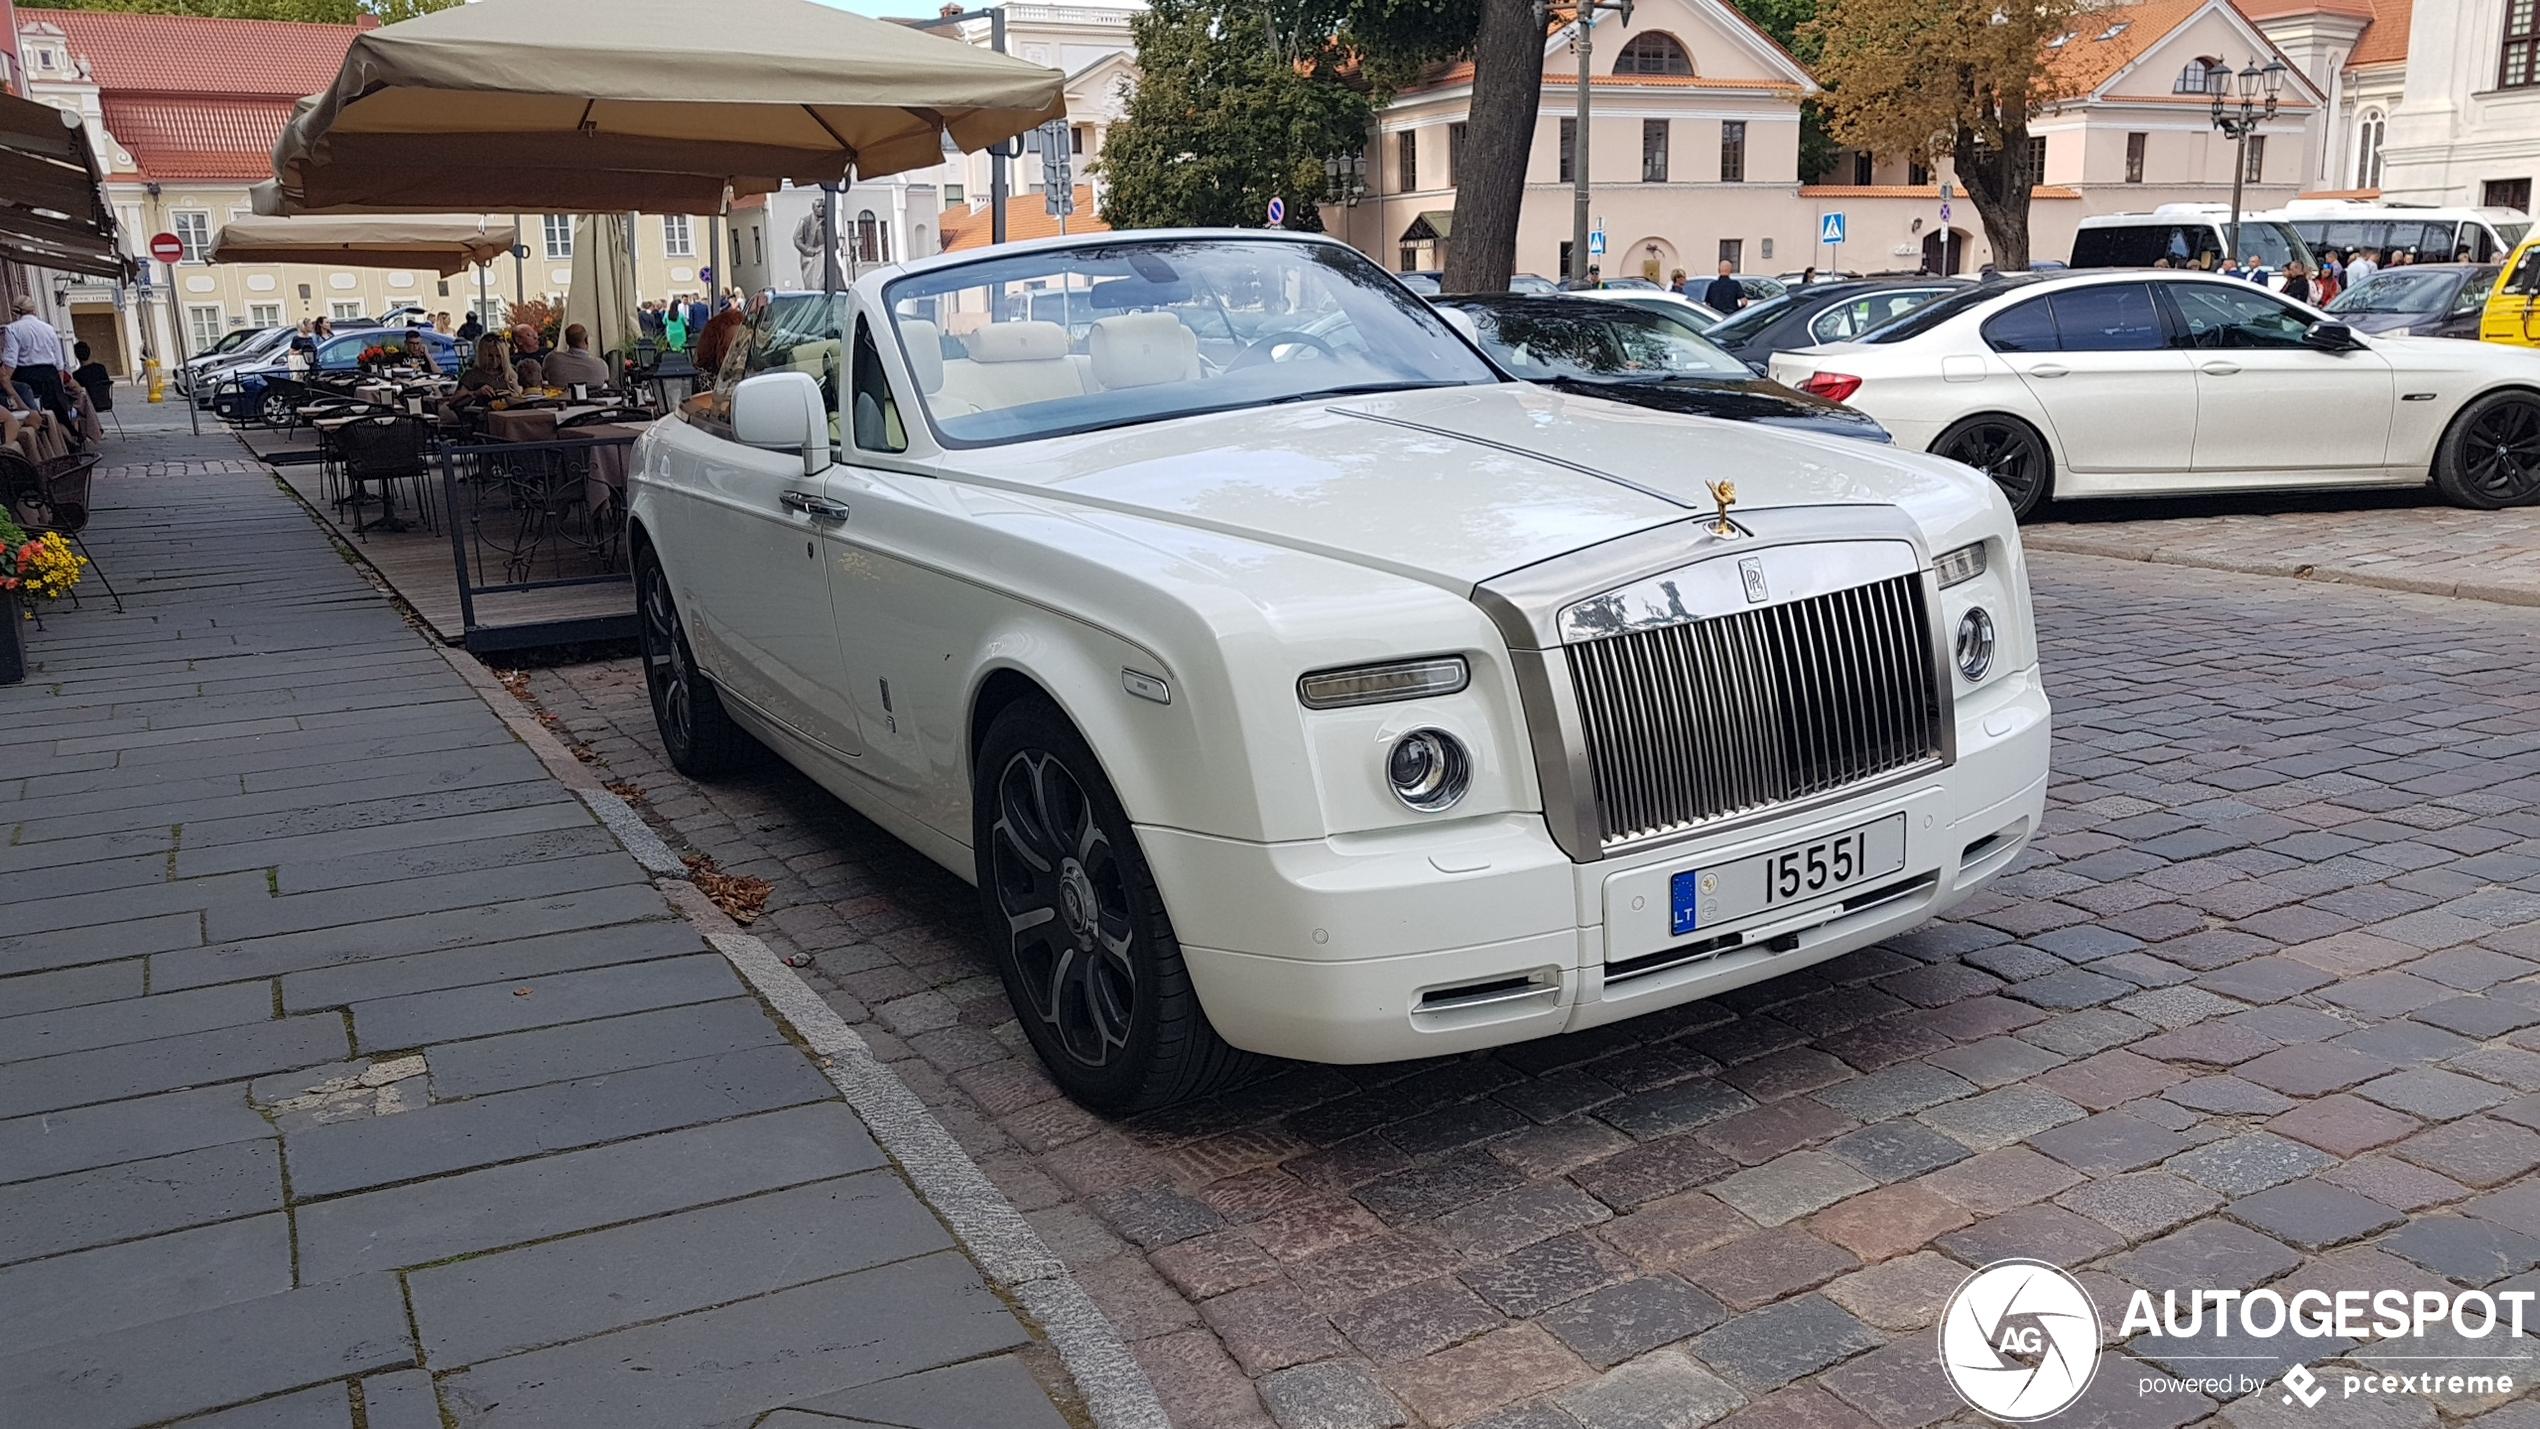 Rolls-RoycePhantom Drophead Coupé